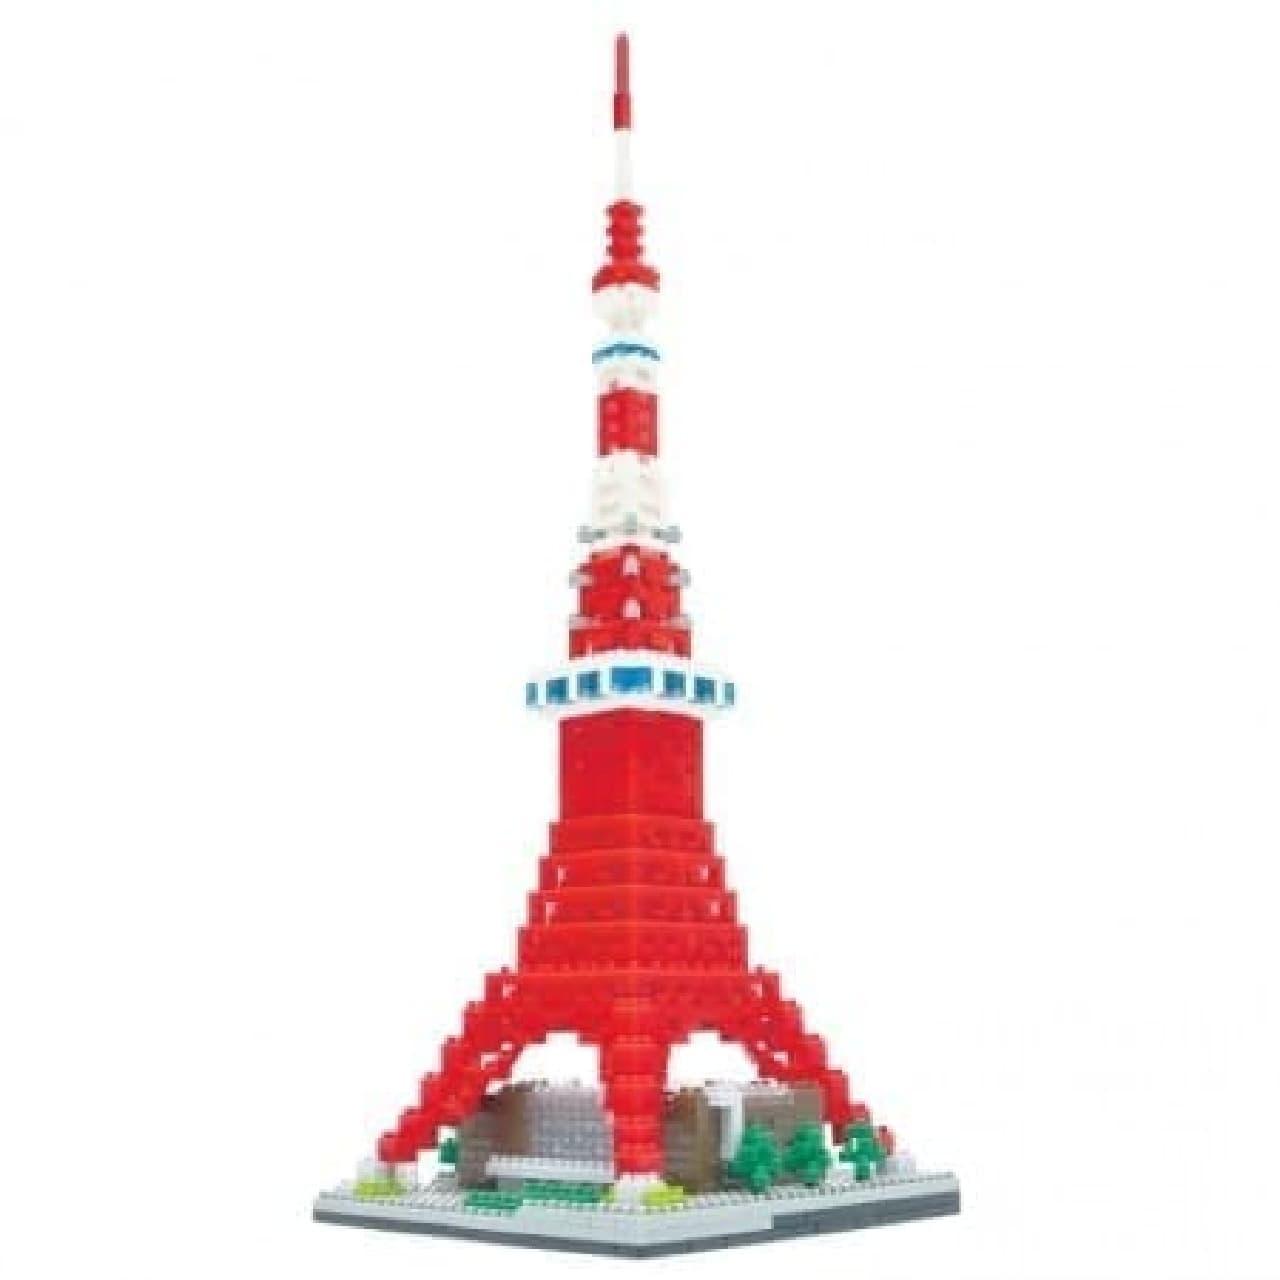 東京タワーデラックスエディション(1,420ピース、9,000円)  観光バスが2台追加された